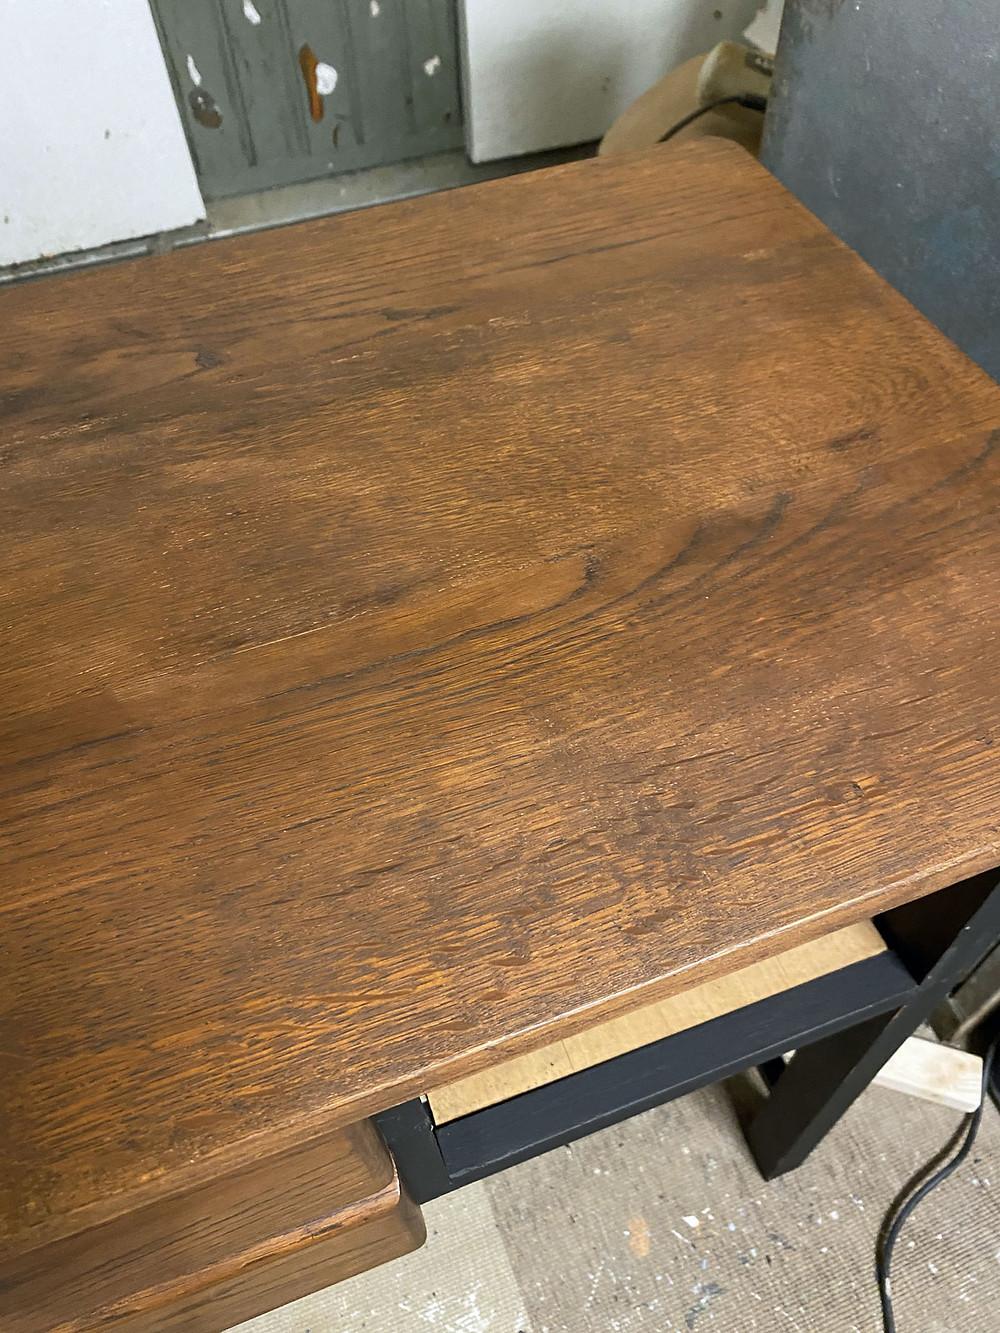 Deckplatte wachsen mit Dixie Belle Paint Wax